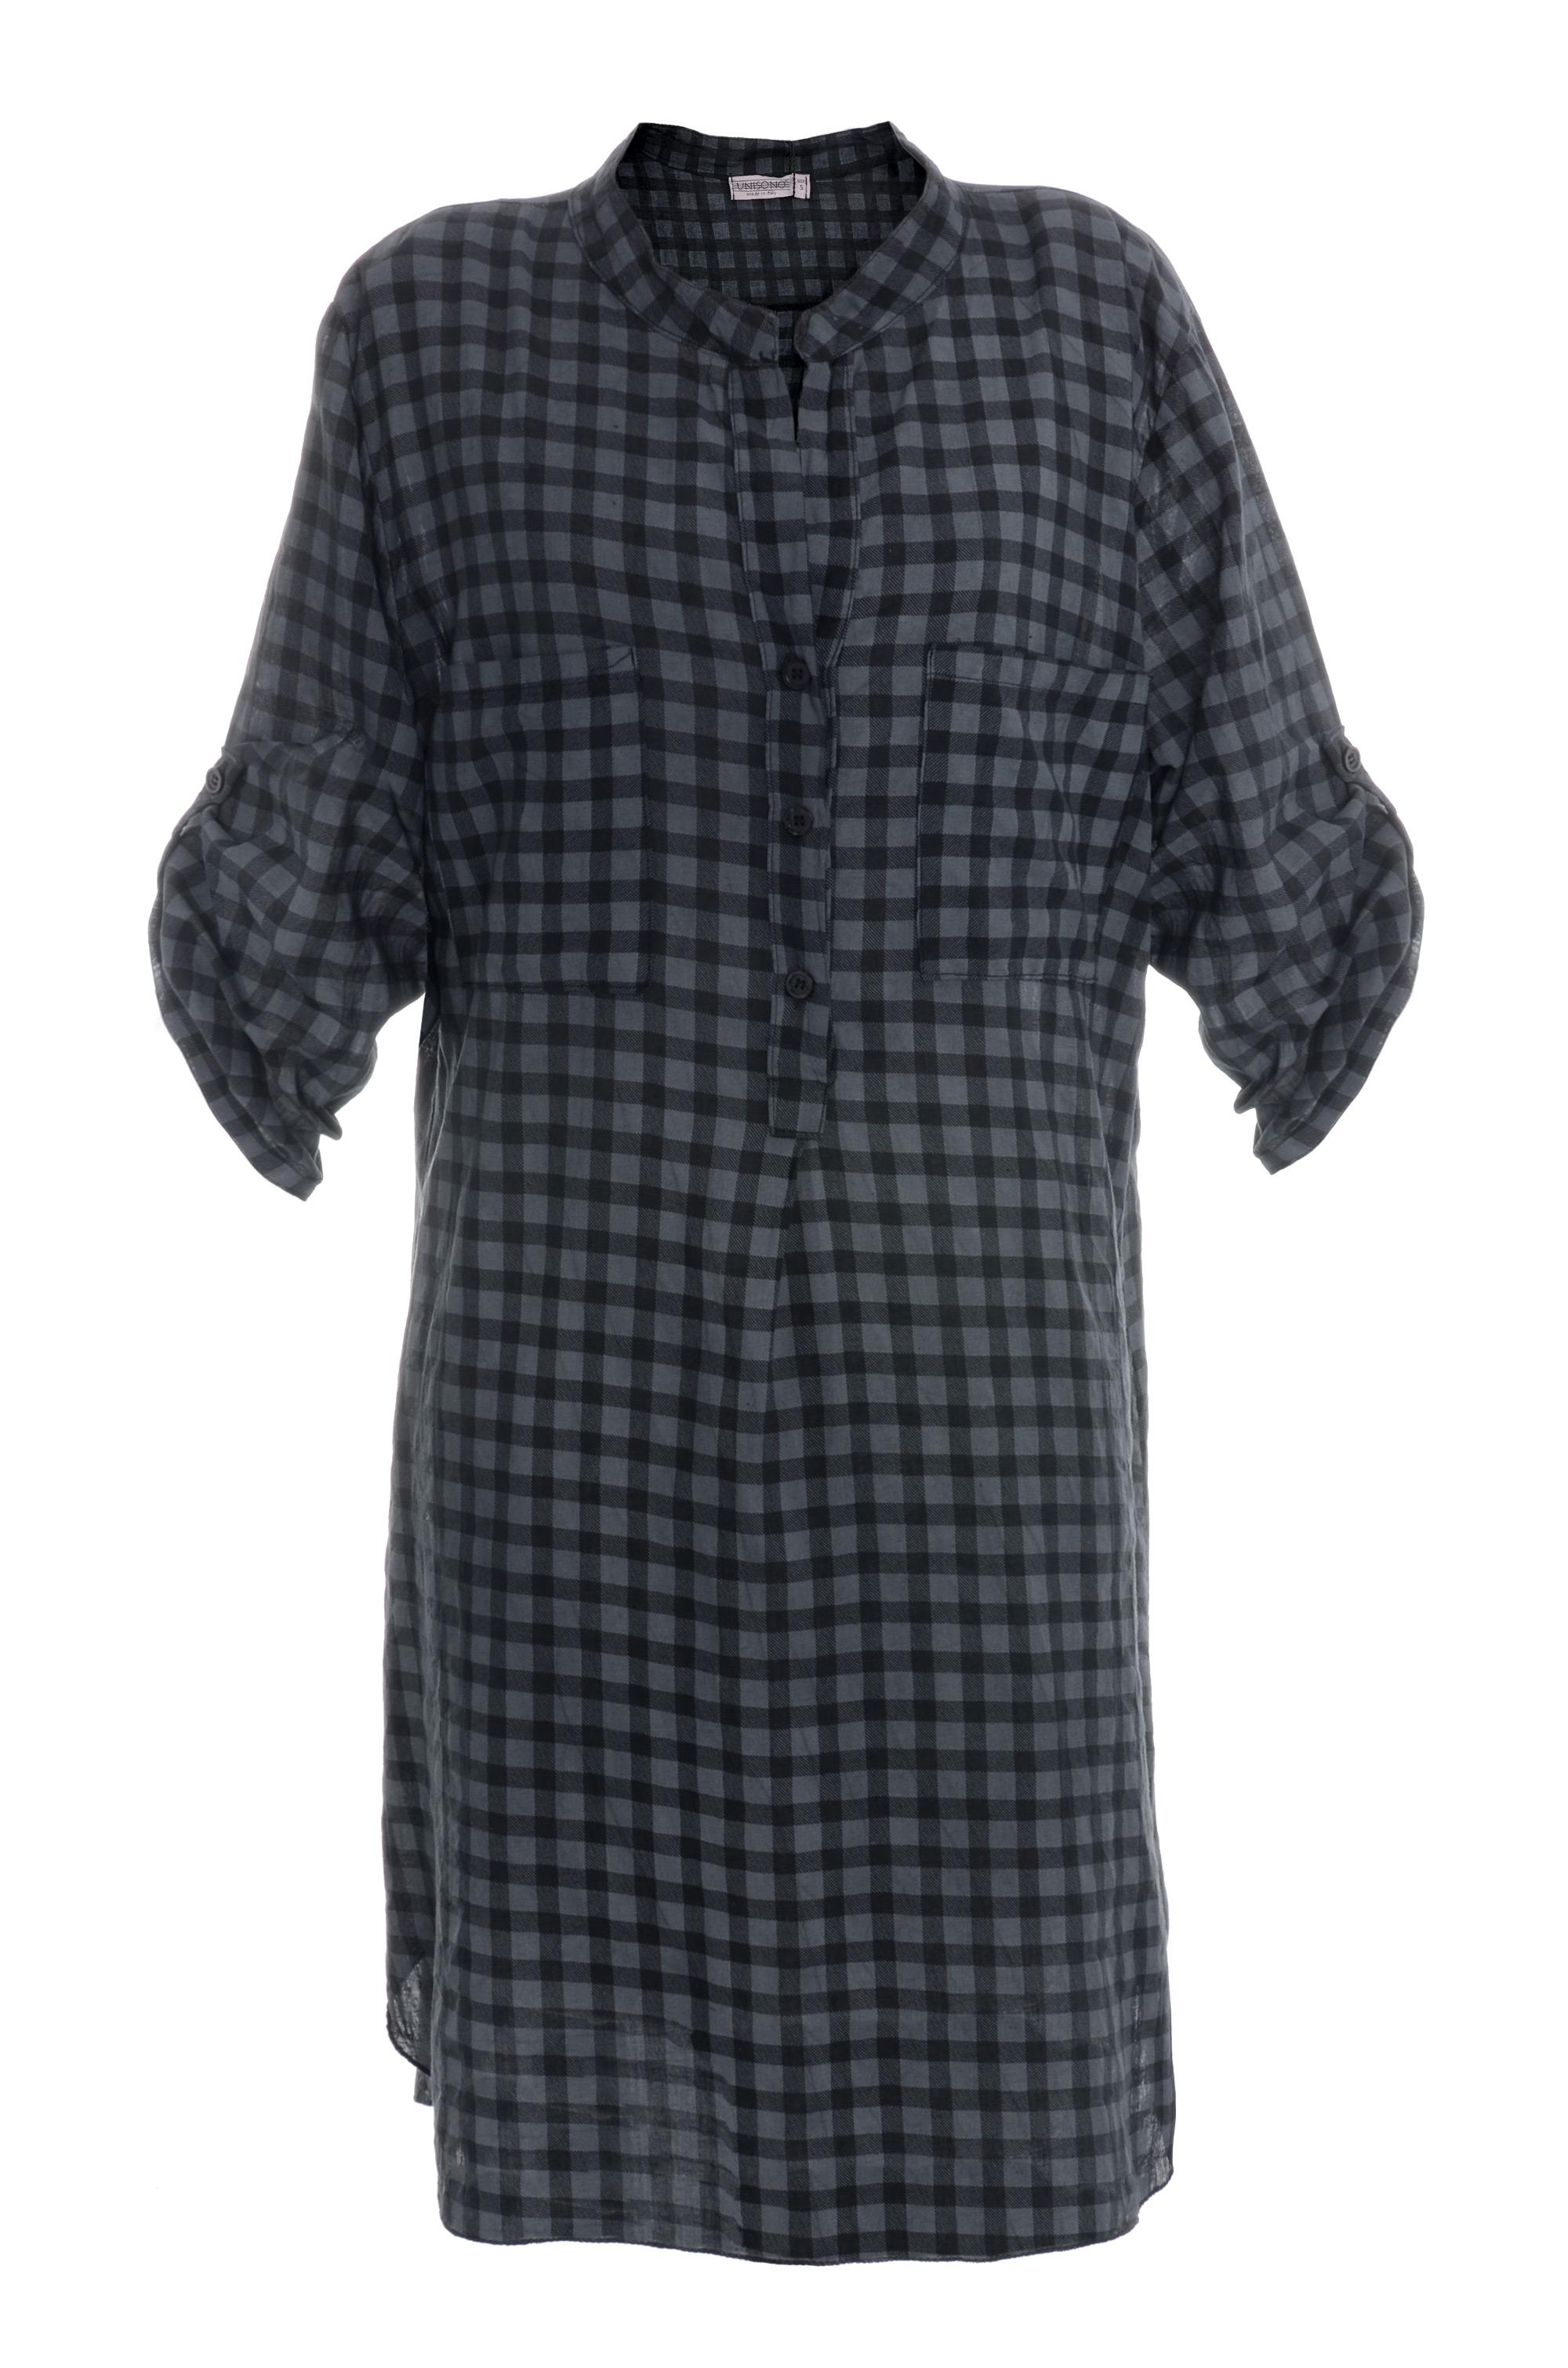 Koszula - 101-1593 NERO - Unisono